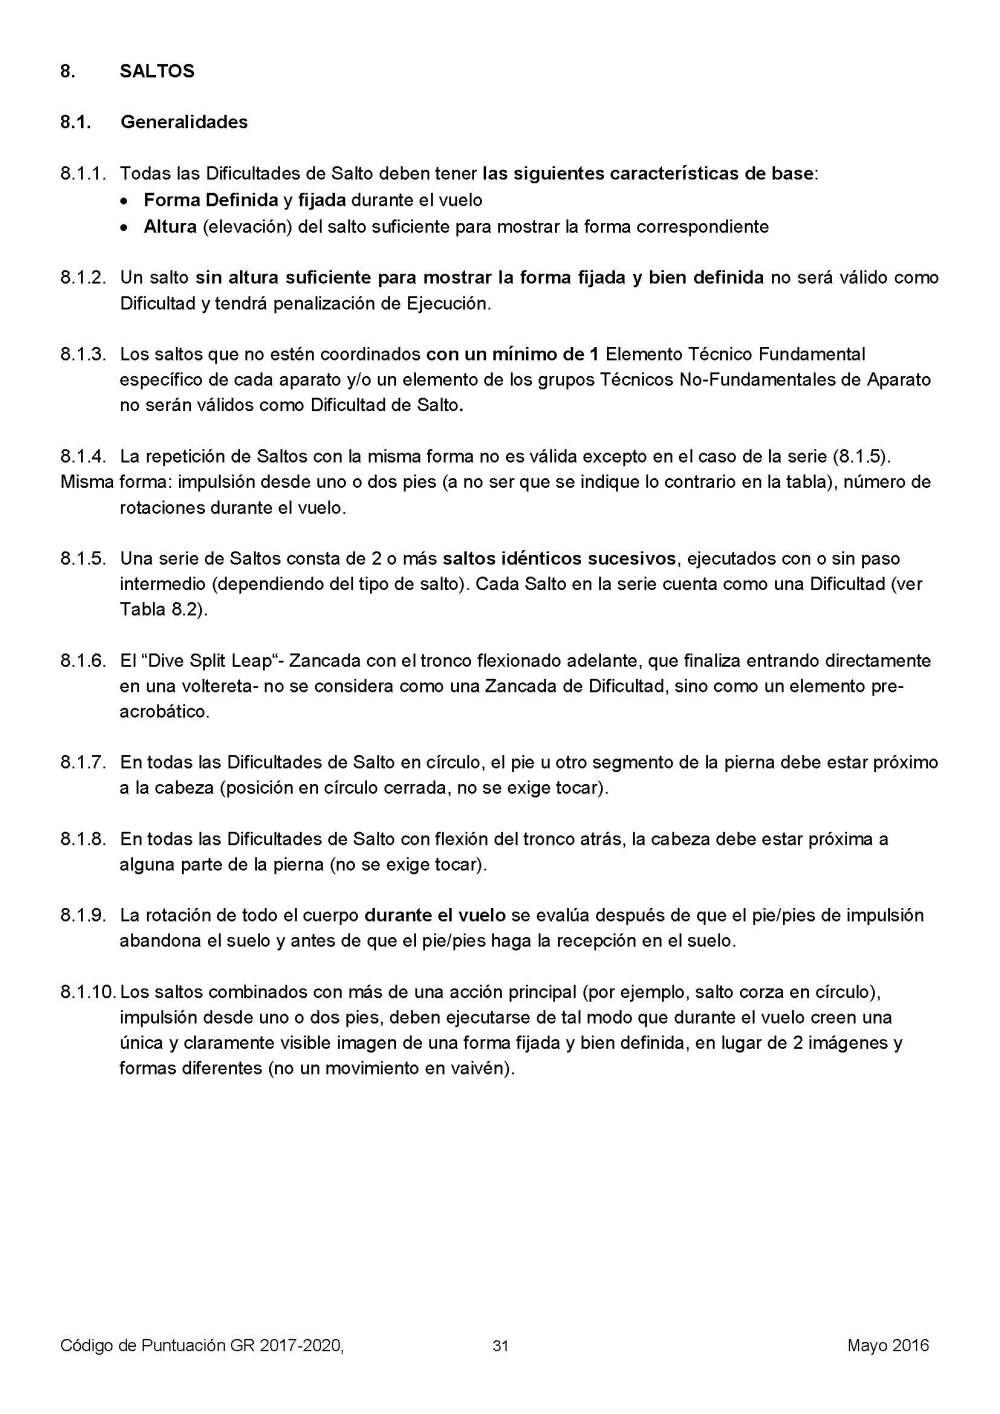 codigo20172020_Página_31